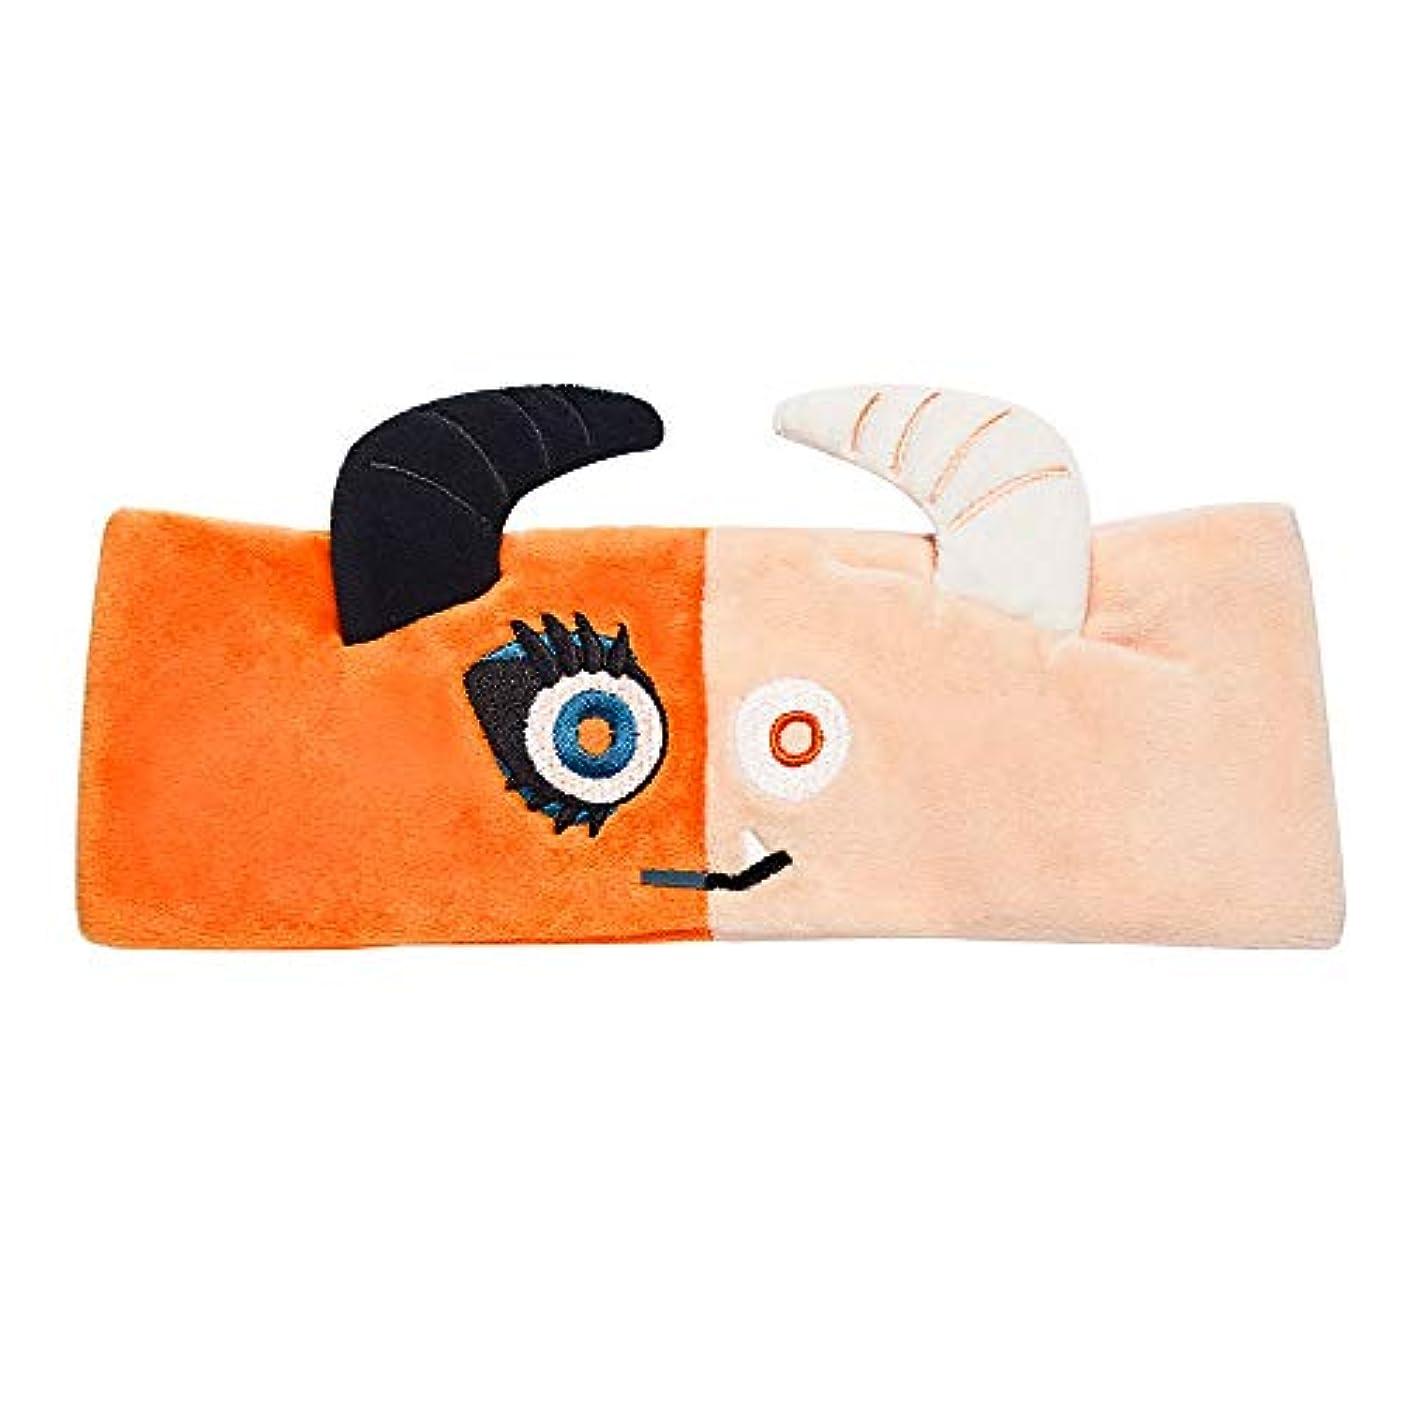 マットレス願う処方エチュードハウス(ETUDE HOUSE) マイビューティーツール モンスターヘアバンド オレンジ